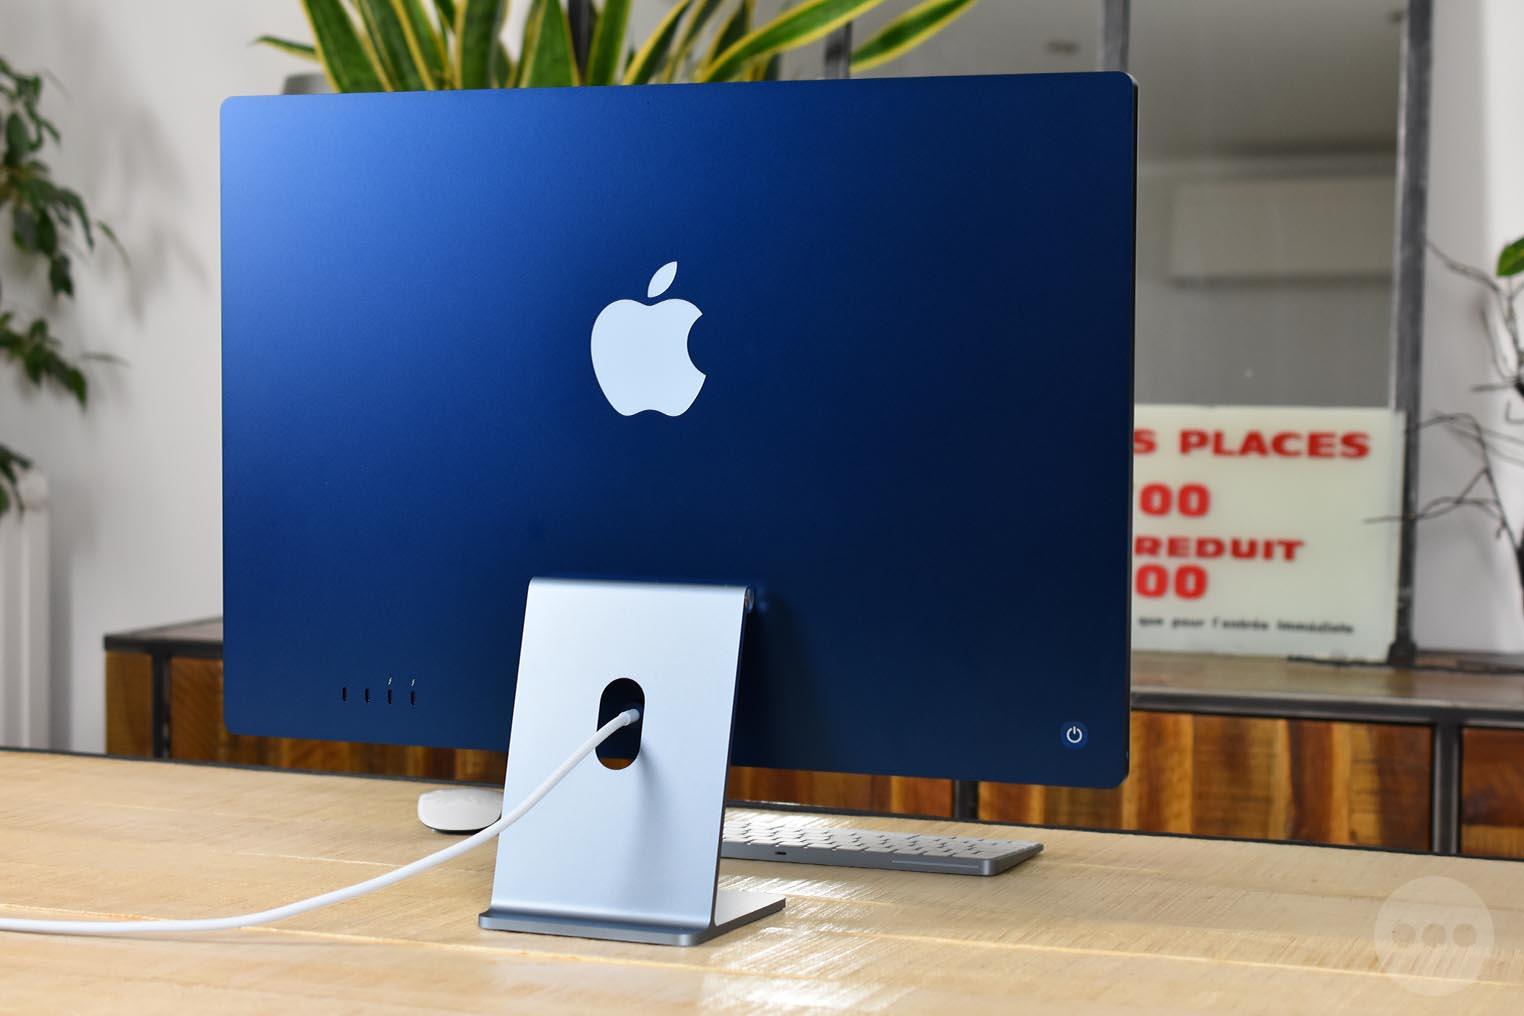 iMac M1 dos bleu